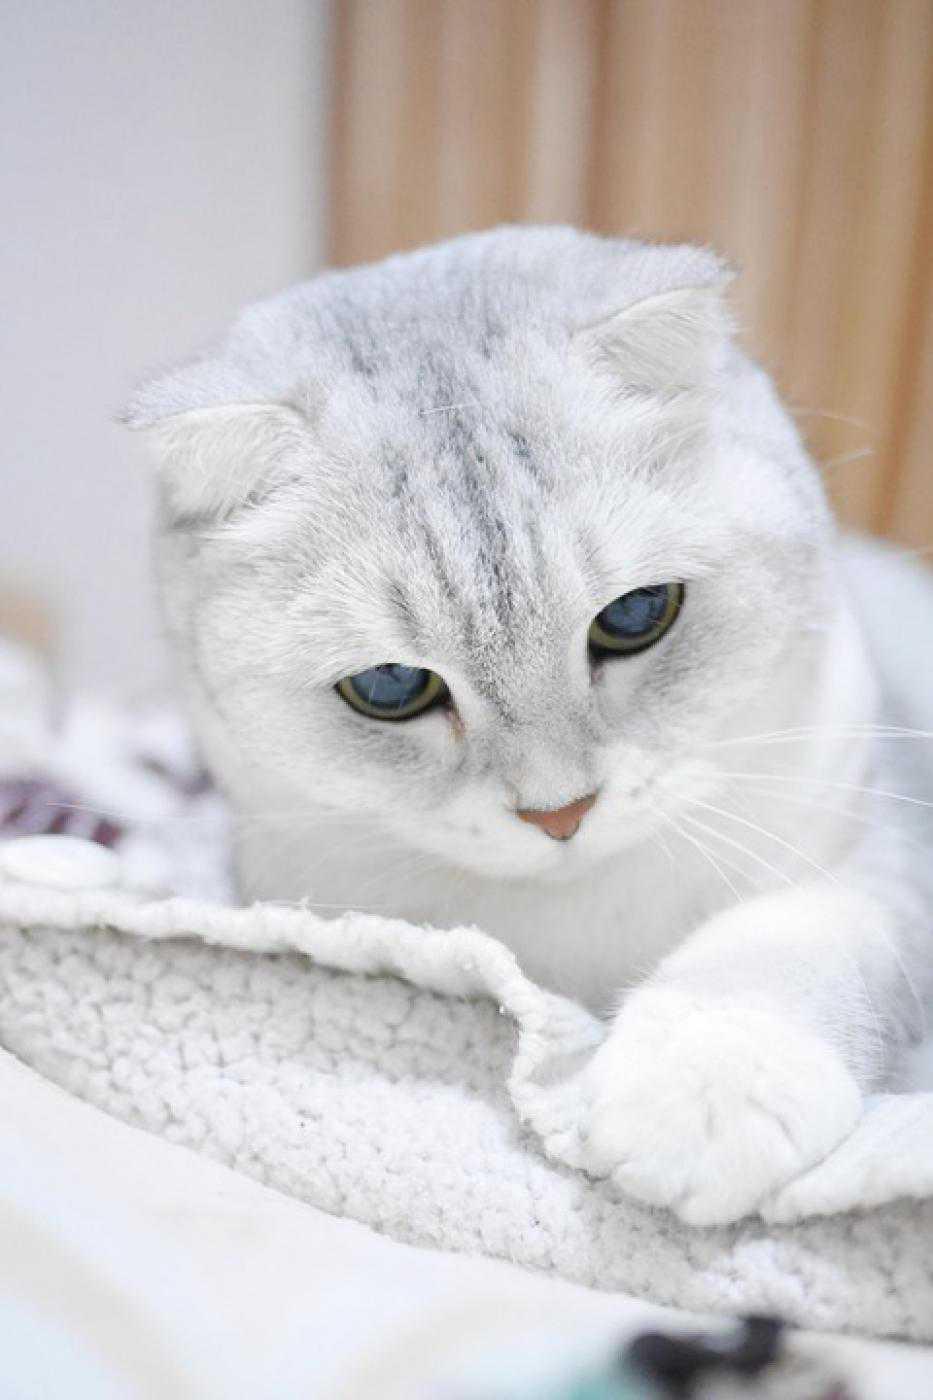 Статья с ответами на популярные вопросы можно ли кошке сыр, молоко, рыбу, печень, валерианку и можно ли кошку стричь, мыть, стерилизовать.